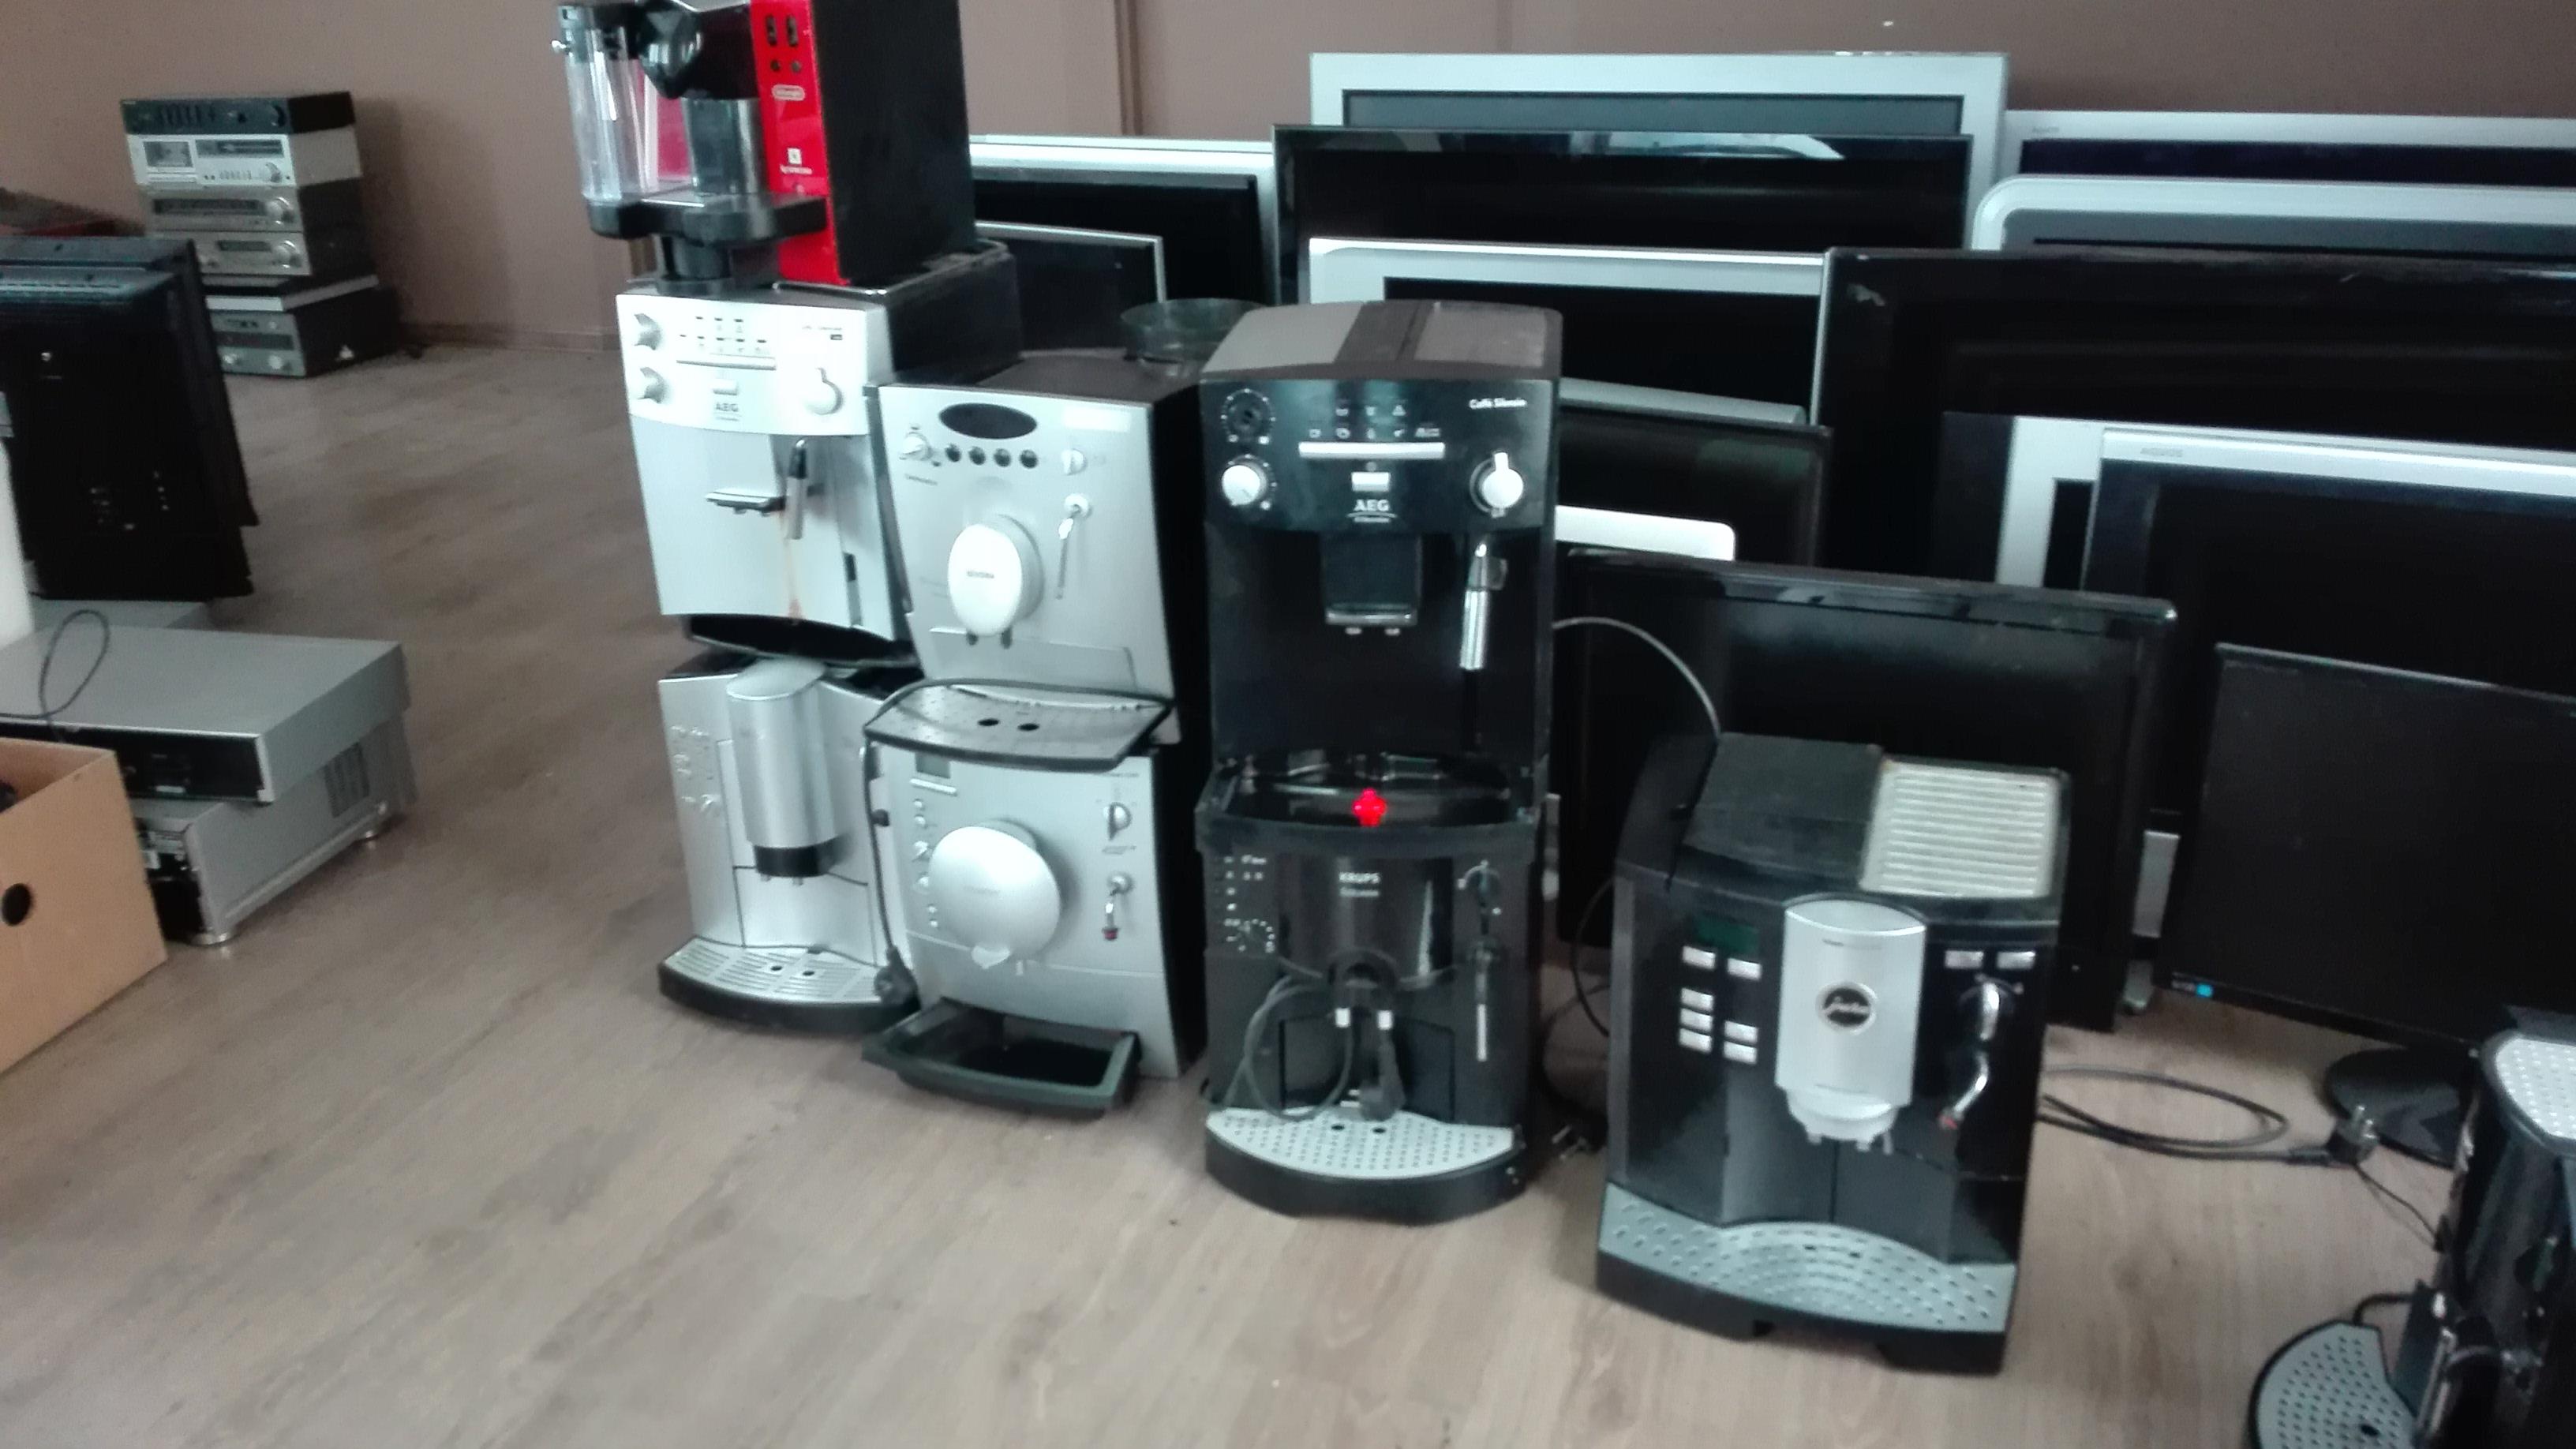 Poważne Sprzedam] Używane telewizory, ekspresy do kawy ciśnieniowe. QF48